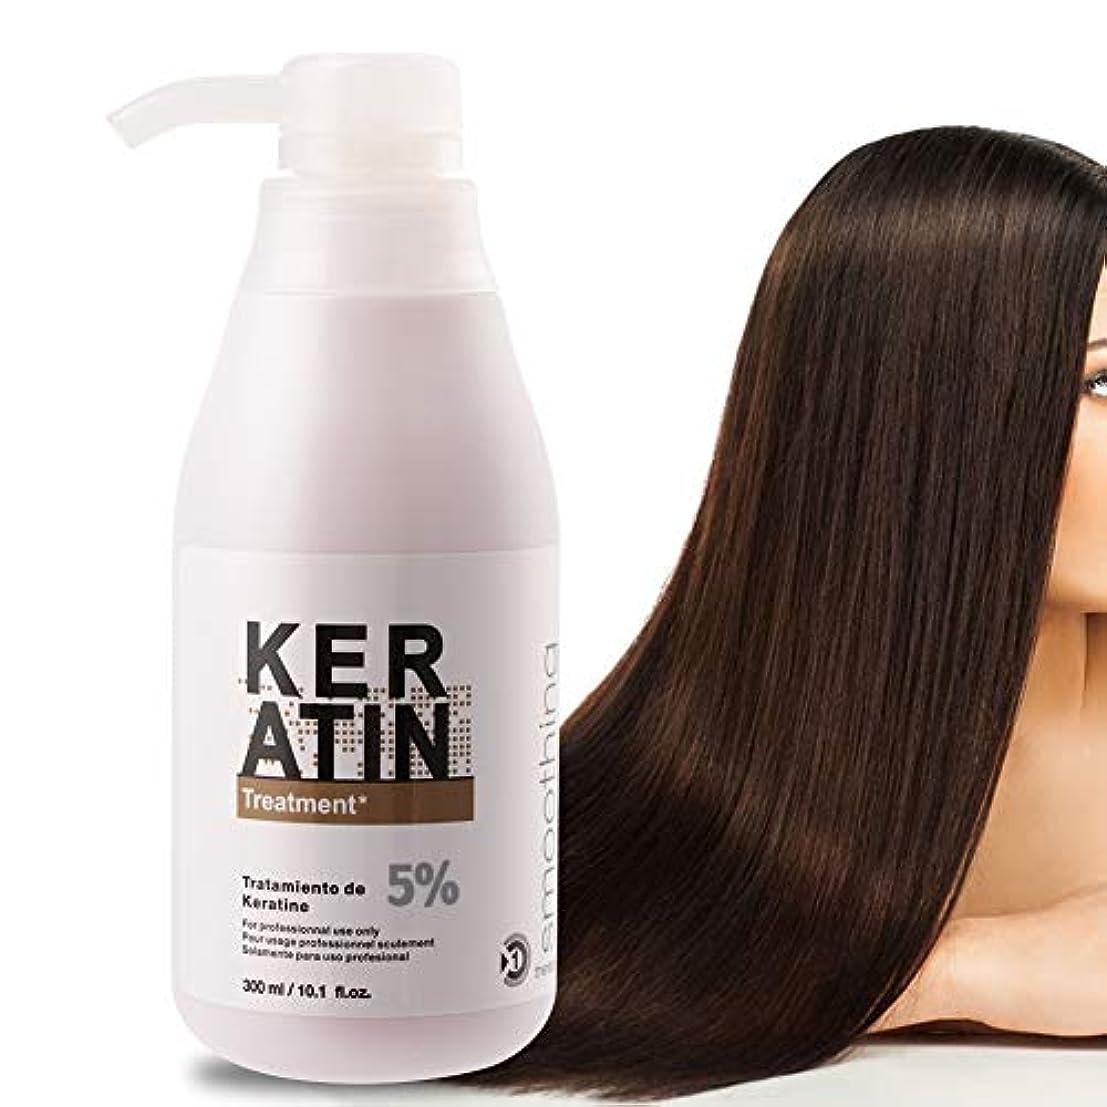 野心的荒れ地ドラッグ乾いた、ダメージを受けた、そして化学的に処理された髪のためのケラチンとタンパク質のケラチンヘアマスク、300mlブラジルのケラチンヘアトリートメント